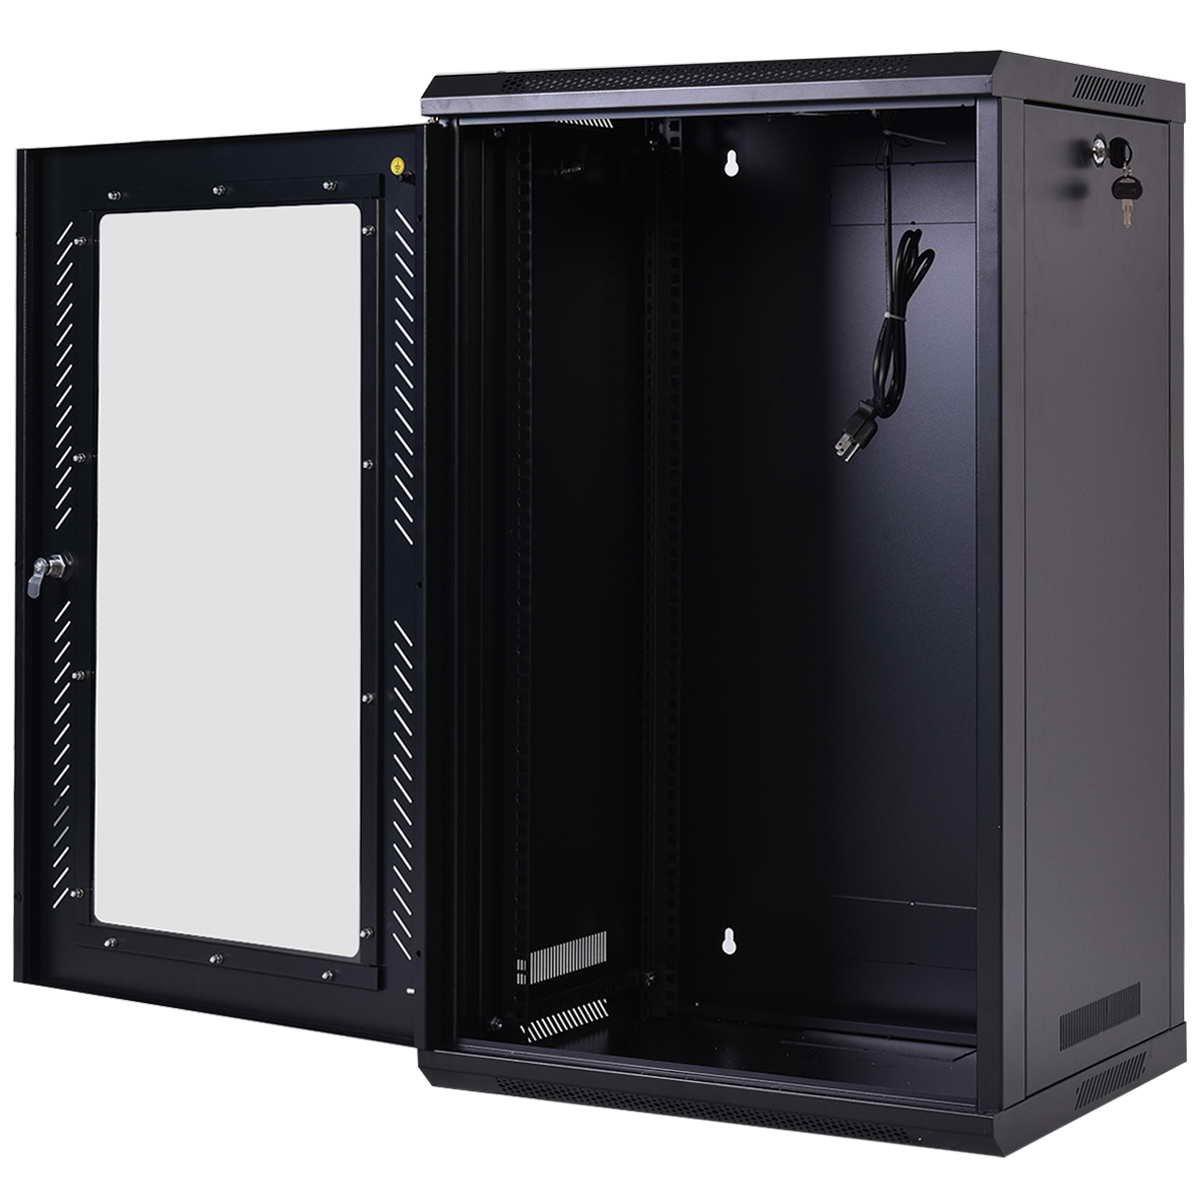 Safstar Cabinet Enclosure Data Tempered Image 1